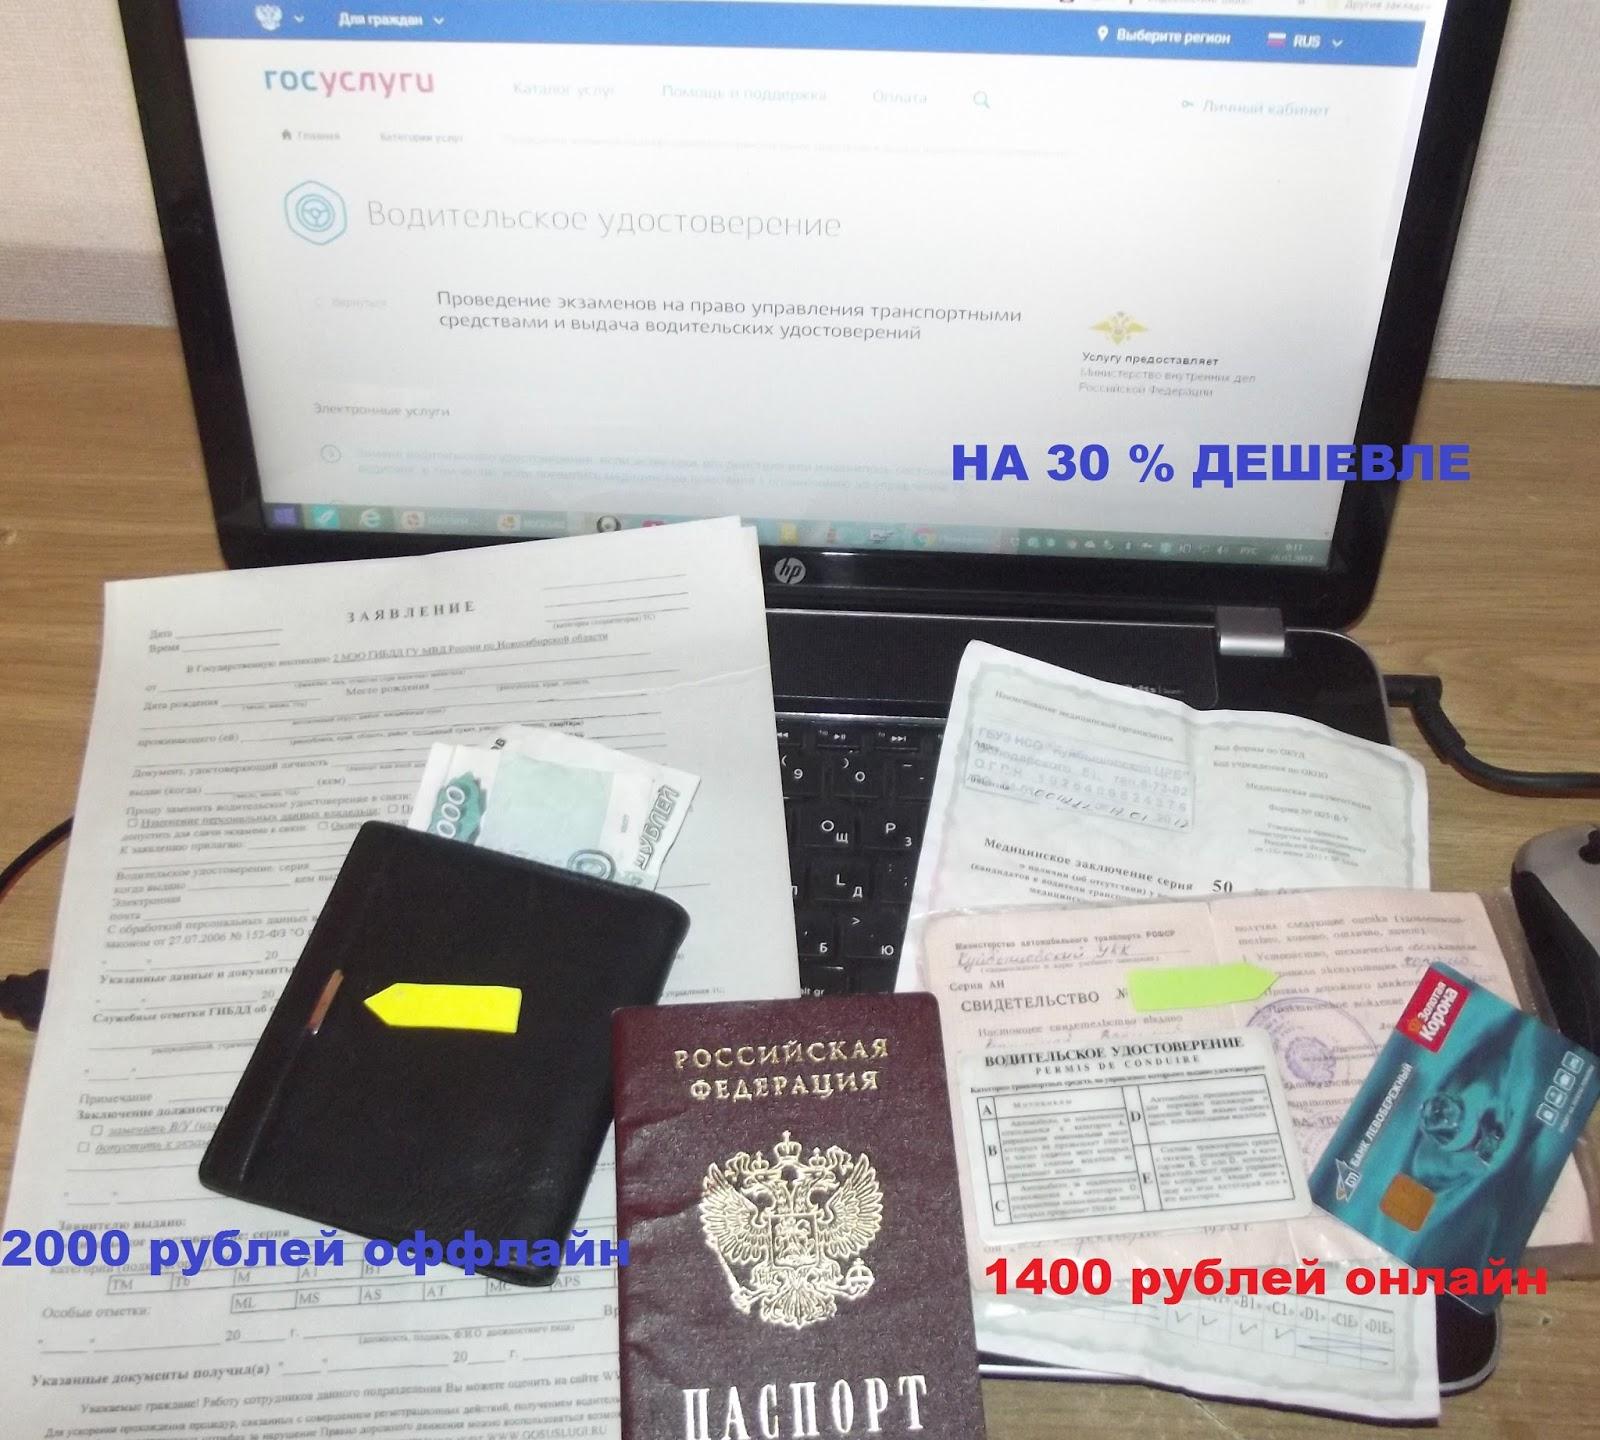 сделать водительское удостоверение онлайн